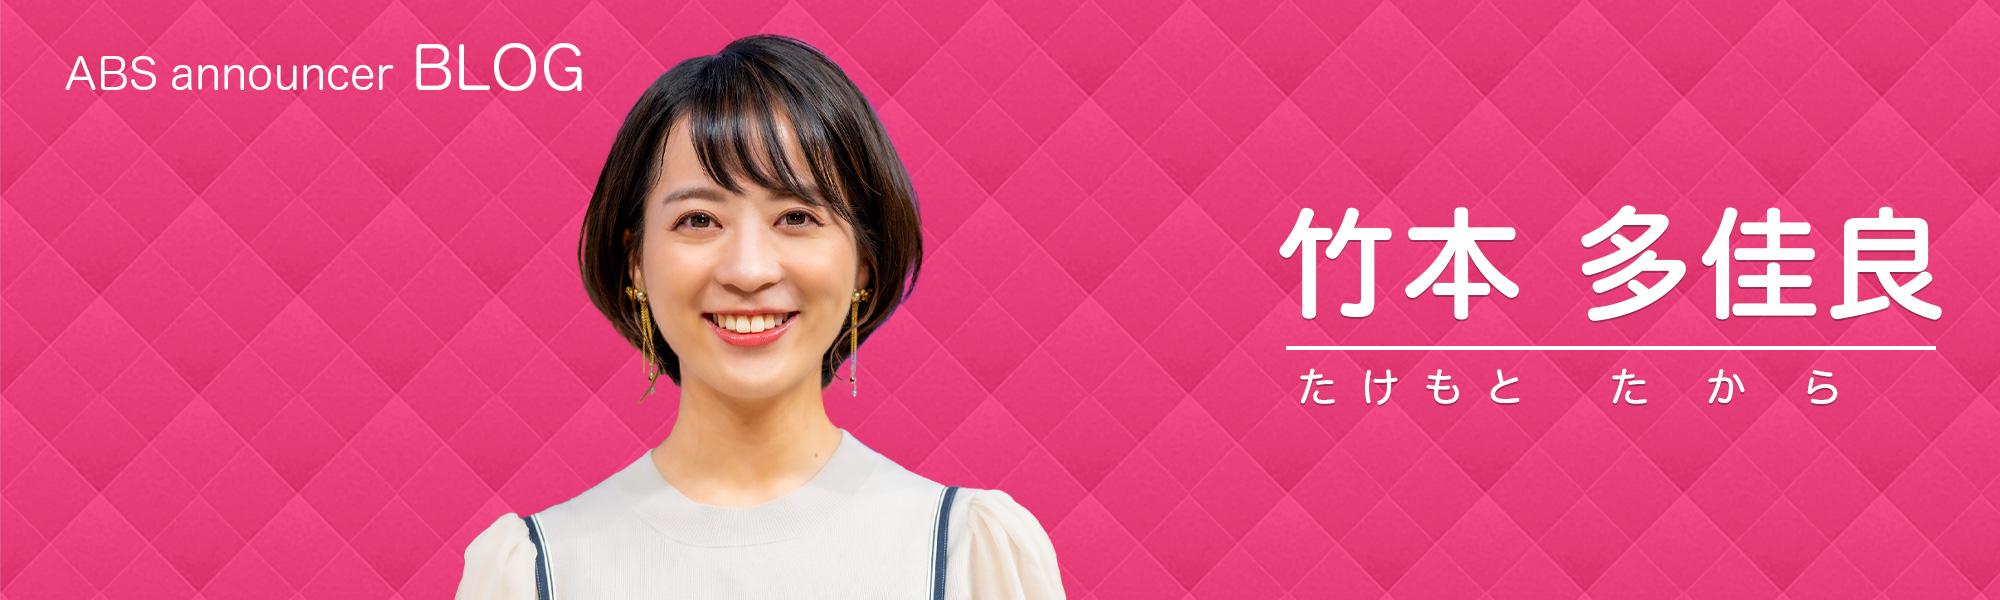 竹本多佳良のブログ